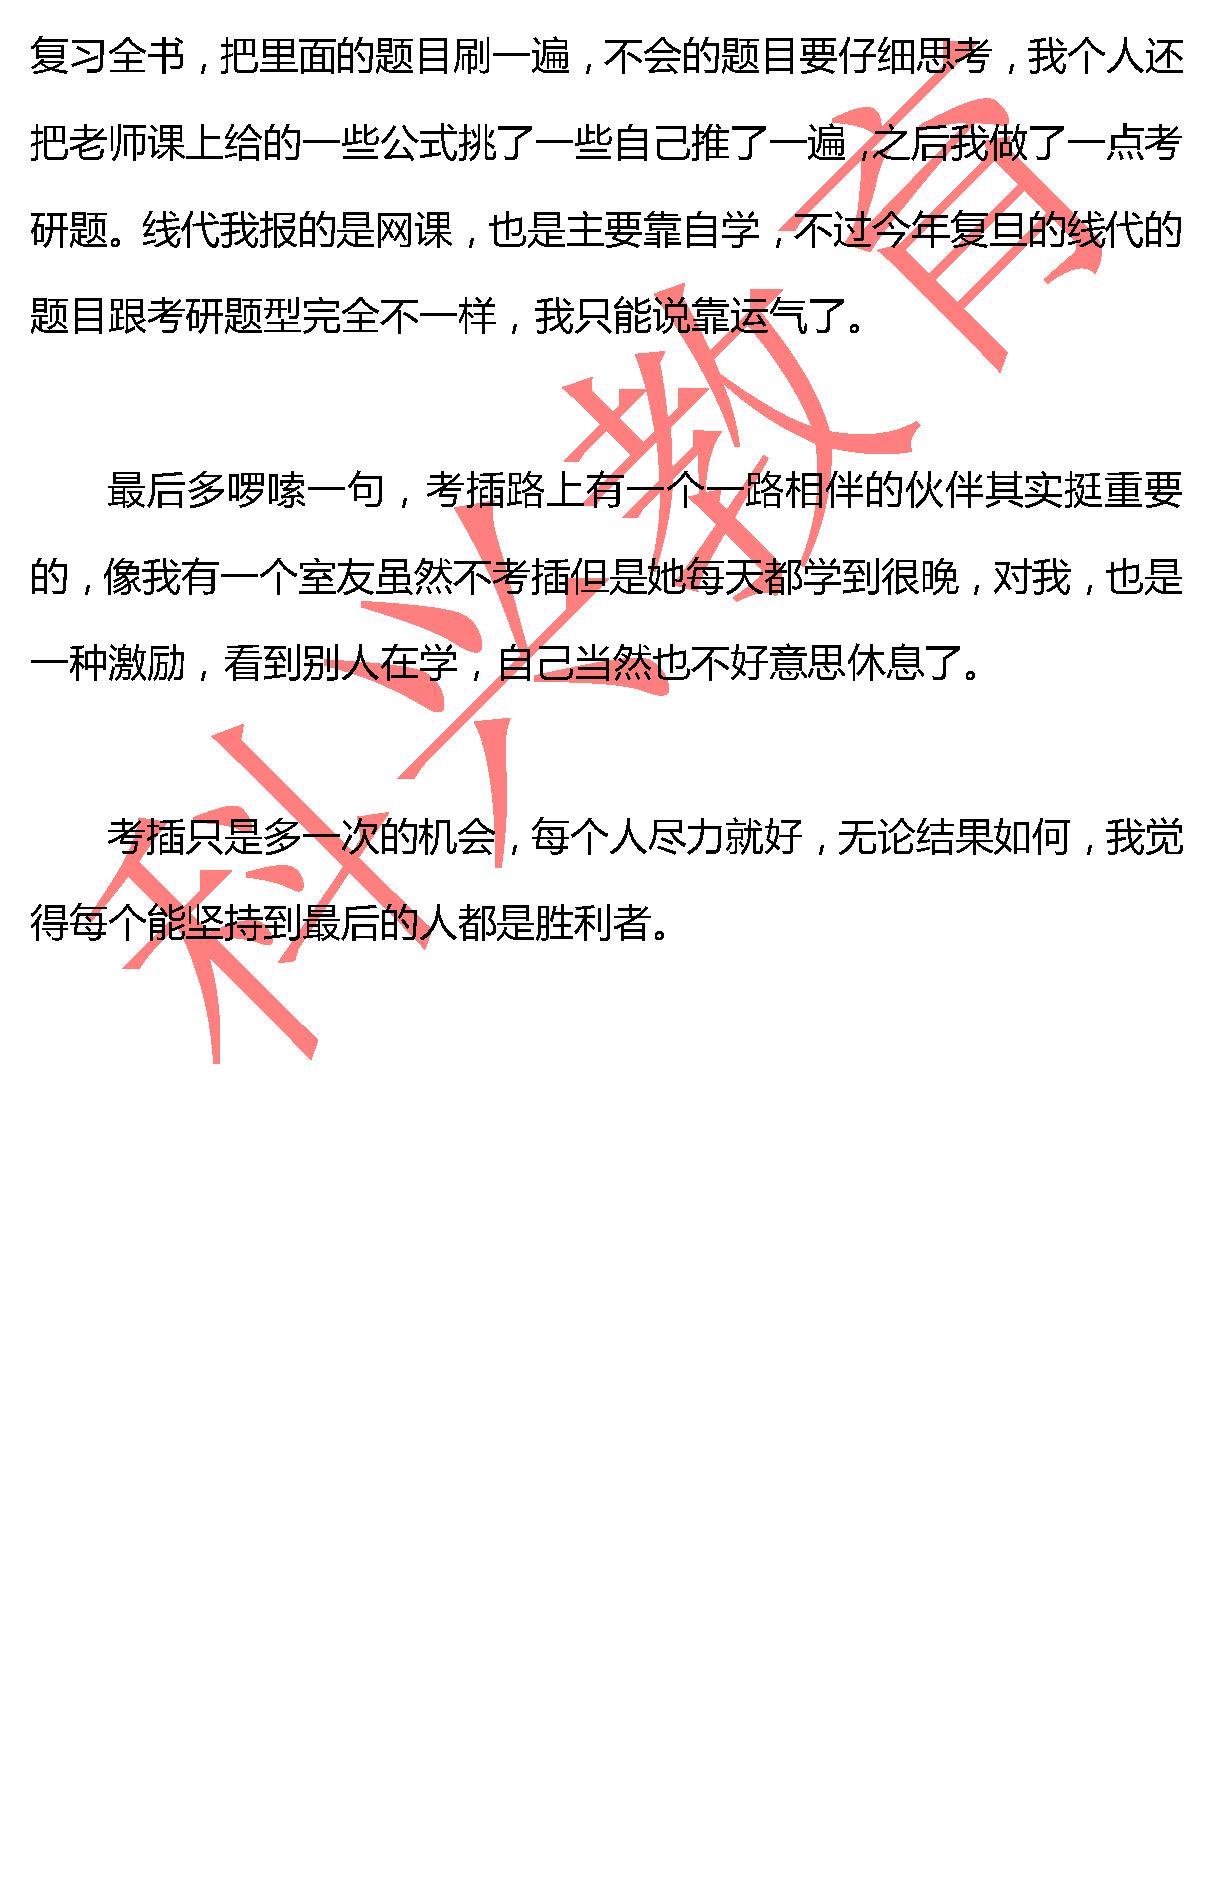 复旦林昕琦:插班生心得感悟(17届)